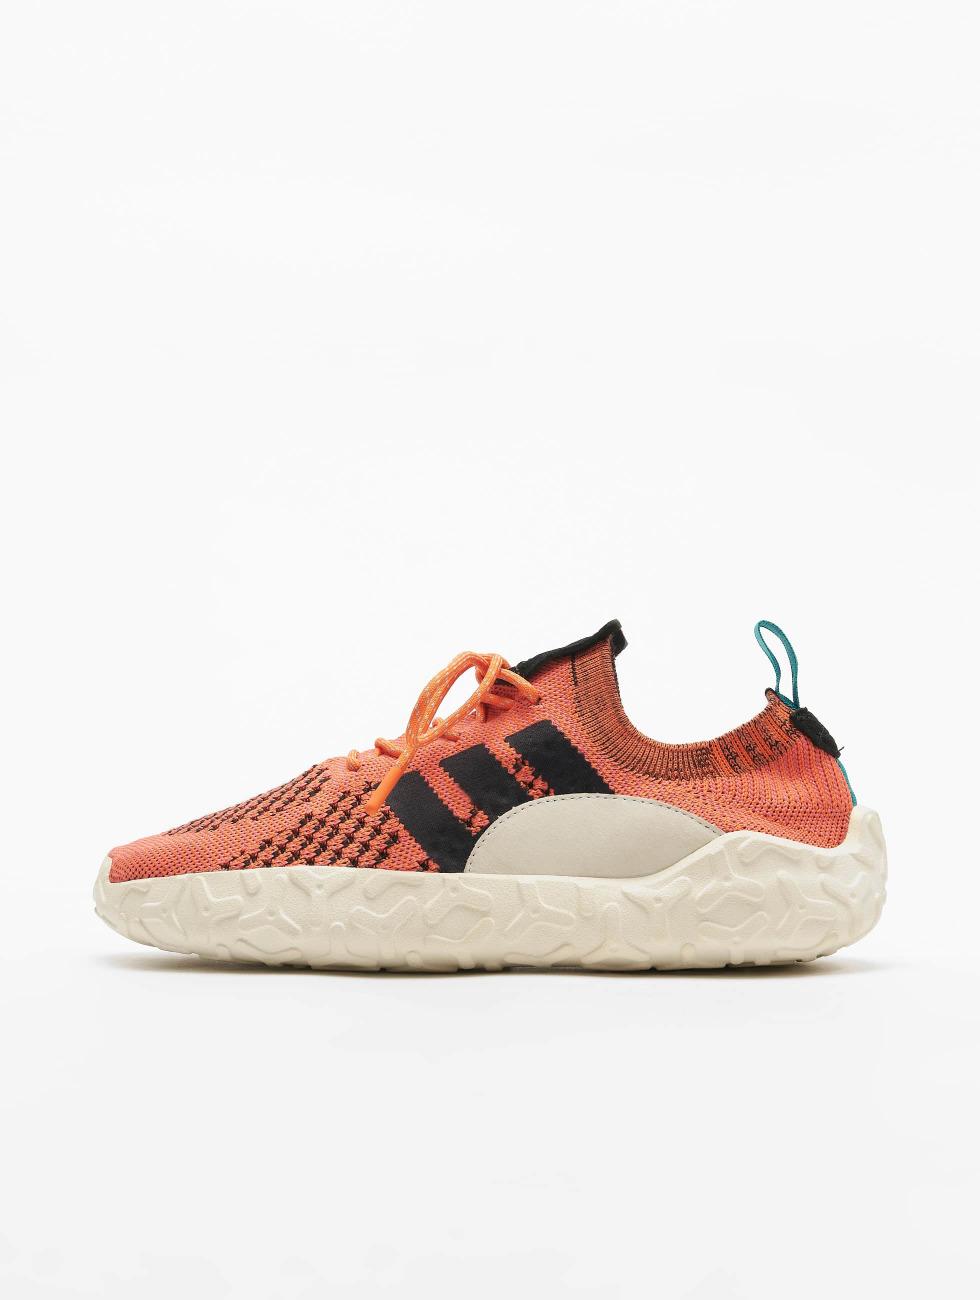 adidas originals schoen / sneaker F/22 PK in oranje 436469 Gratis Verzending Betrouwbare Fabriek Te Koop Manchester Grote Verkoop Online Te Koop Korting Echt M2f7zguDd